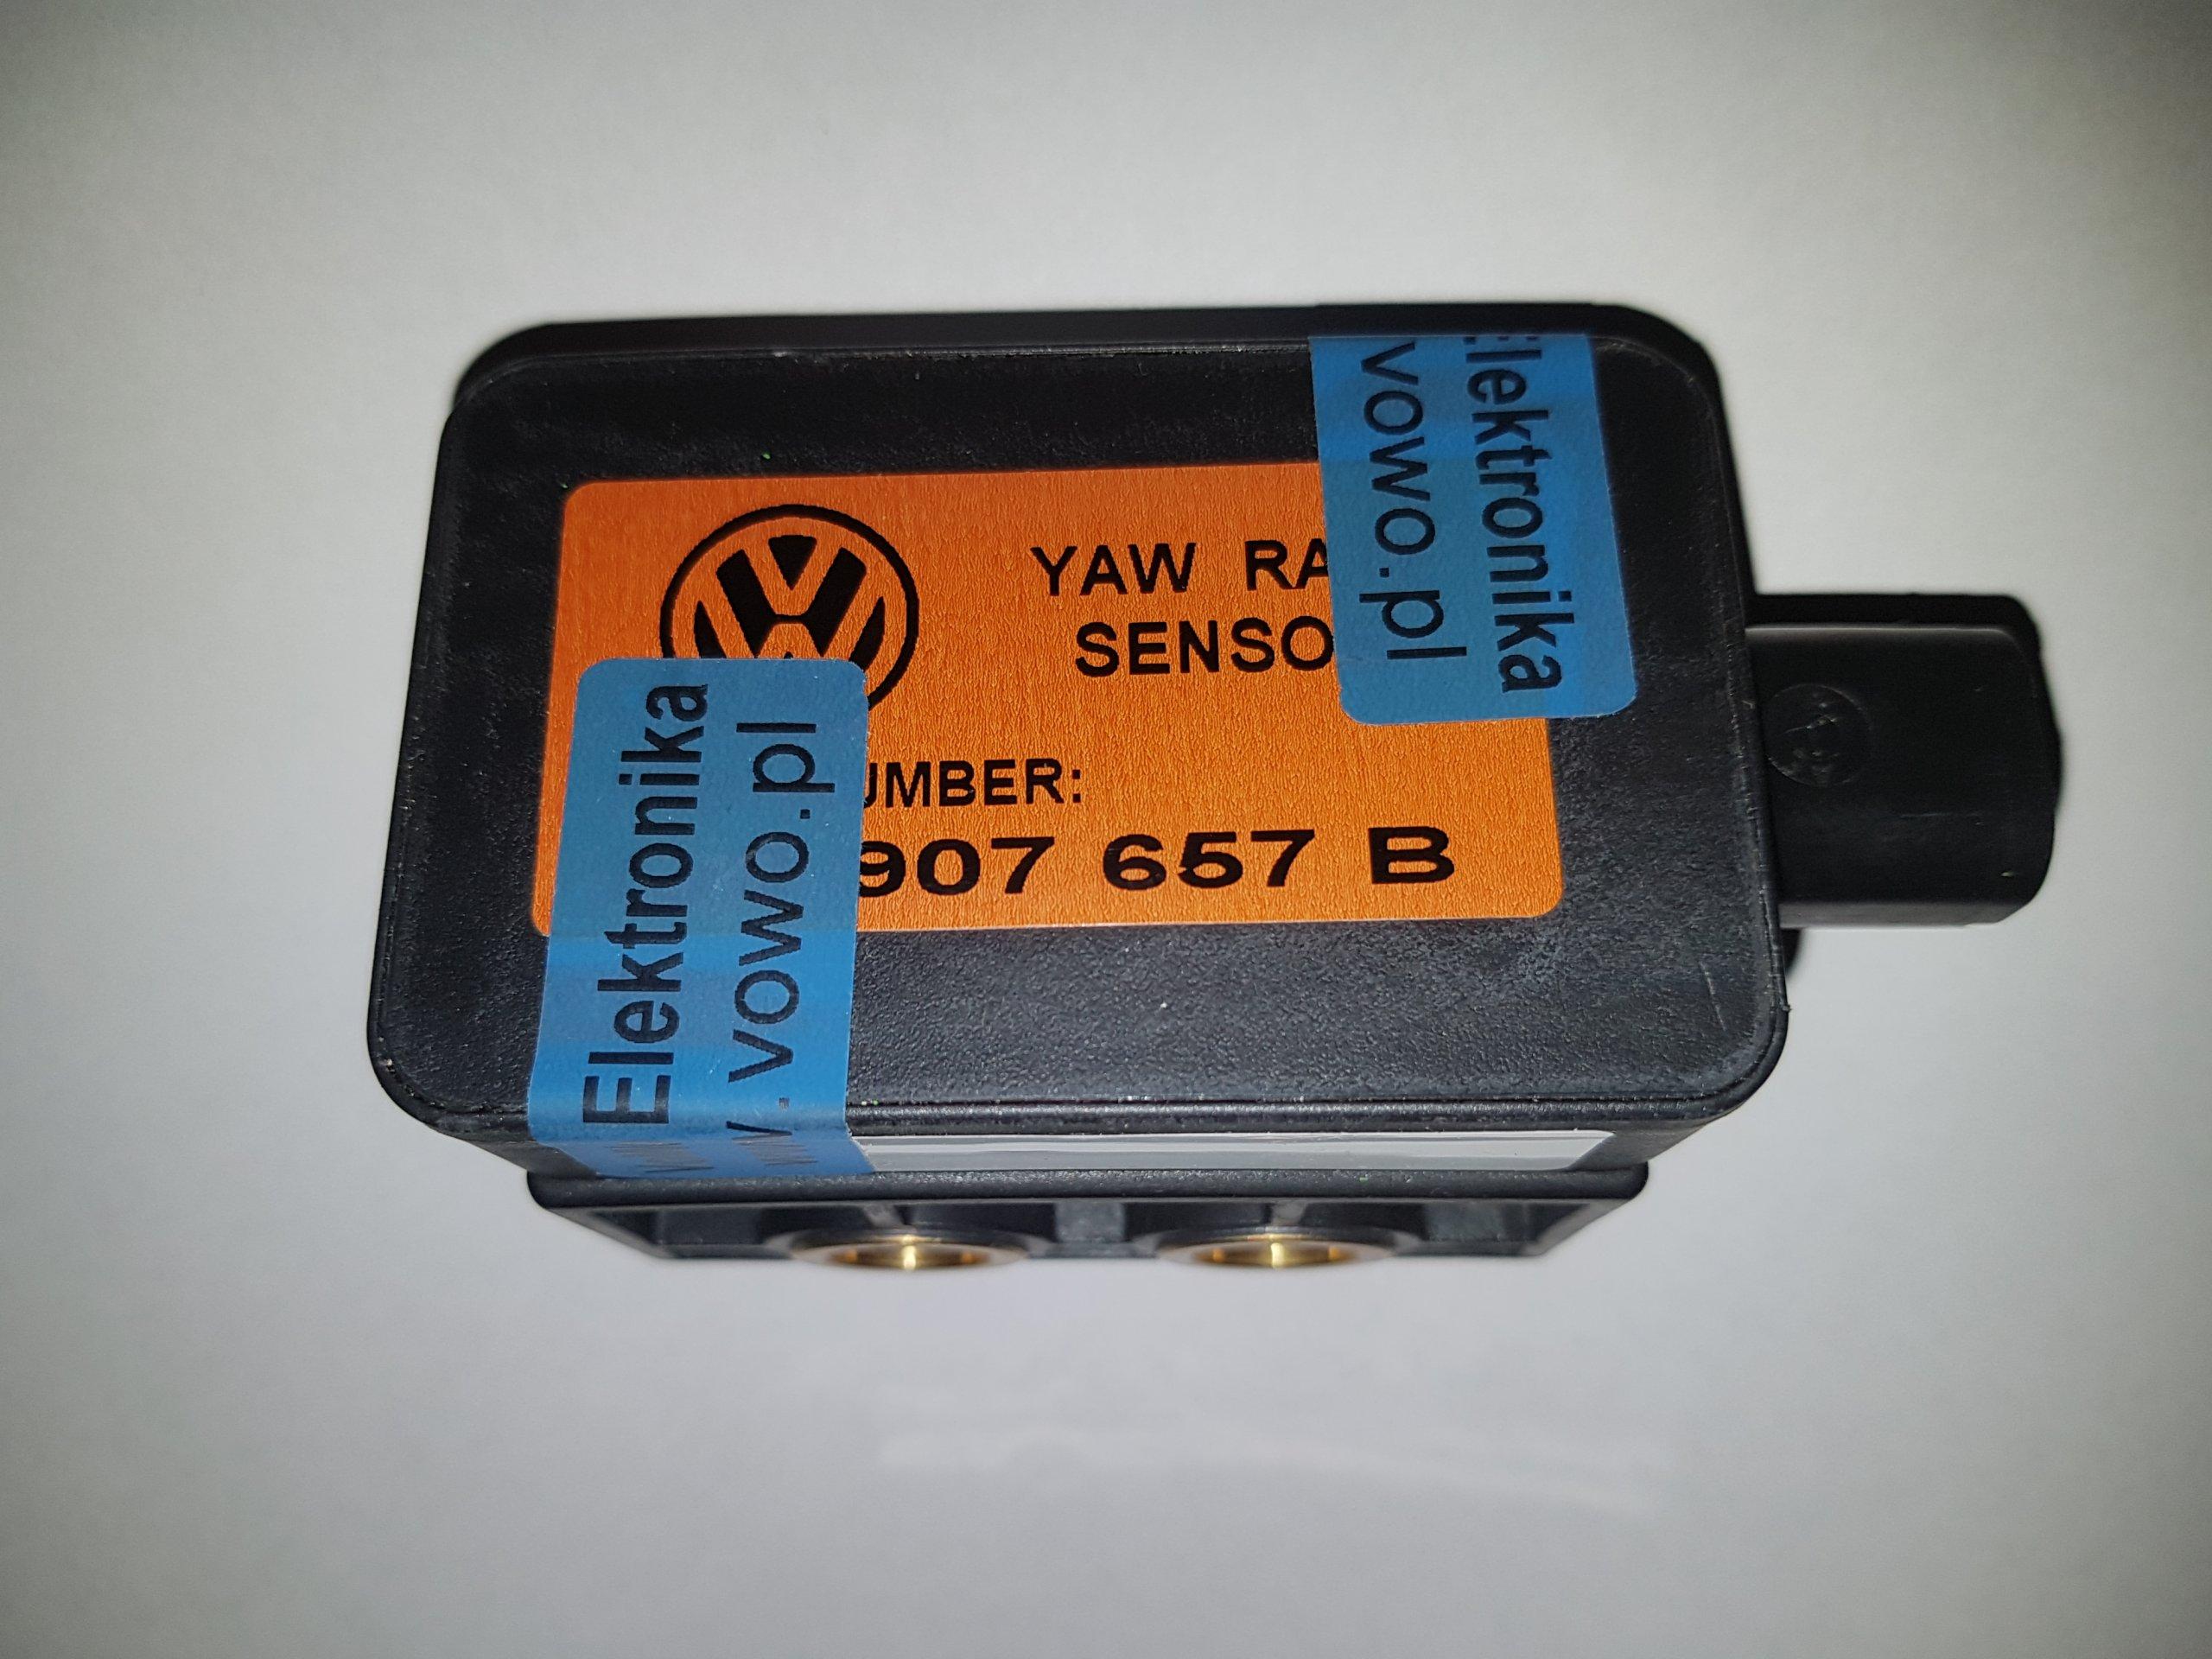 датчик сенсор esp 1j0907657b g202 audi vw seat